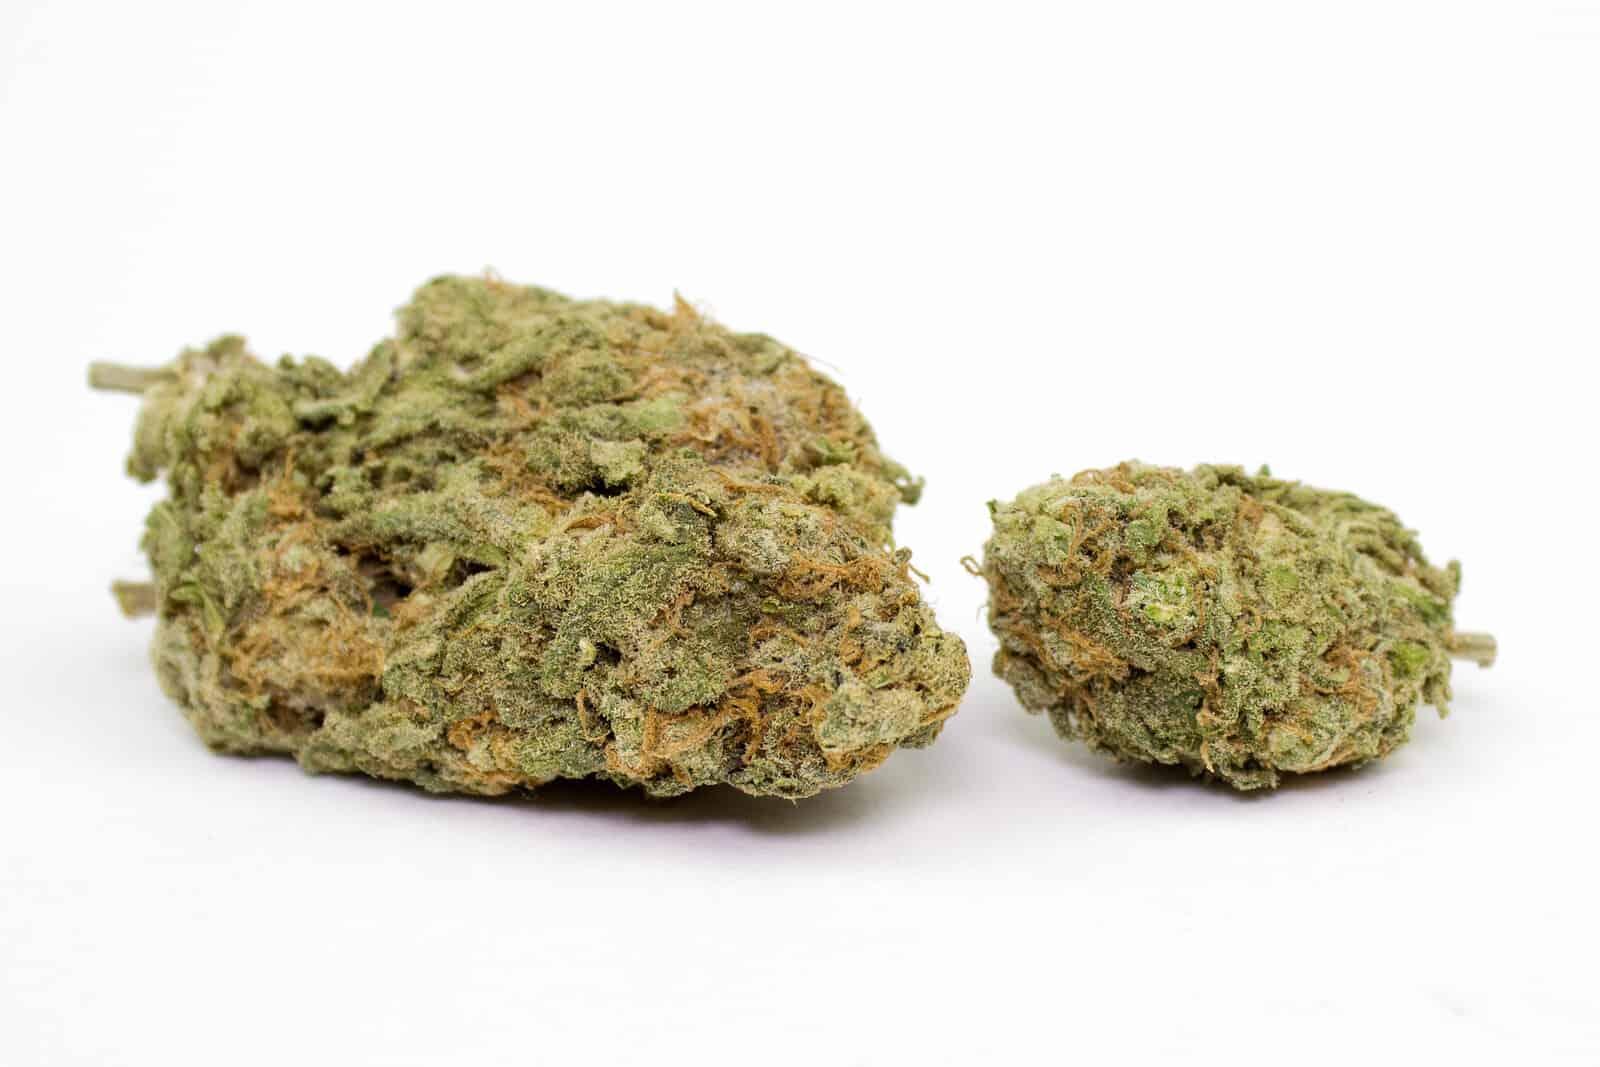 Master Kush Strain Guide. Marijuana buds up close.